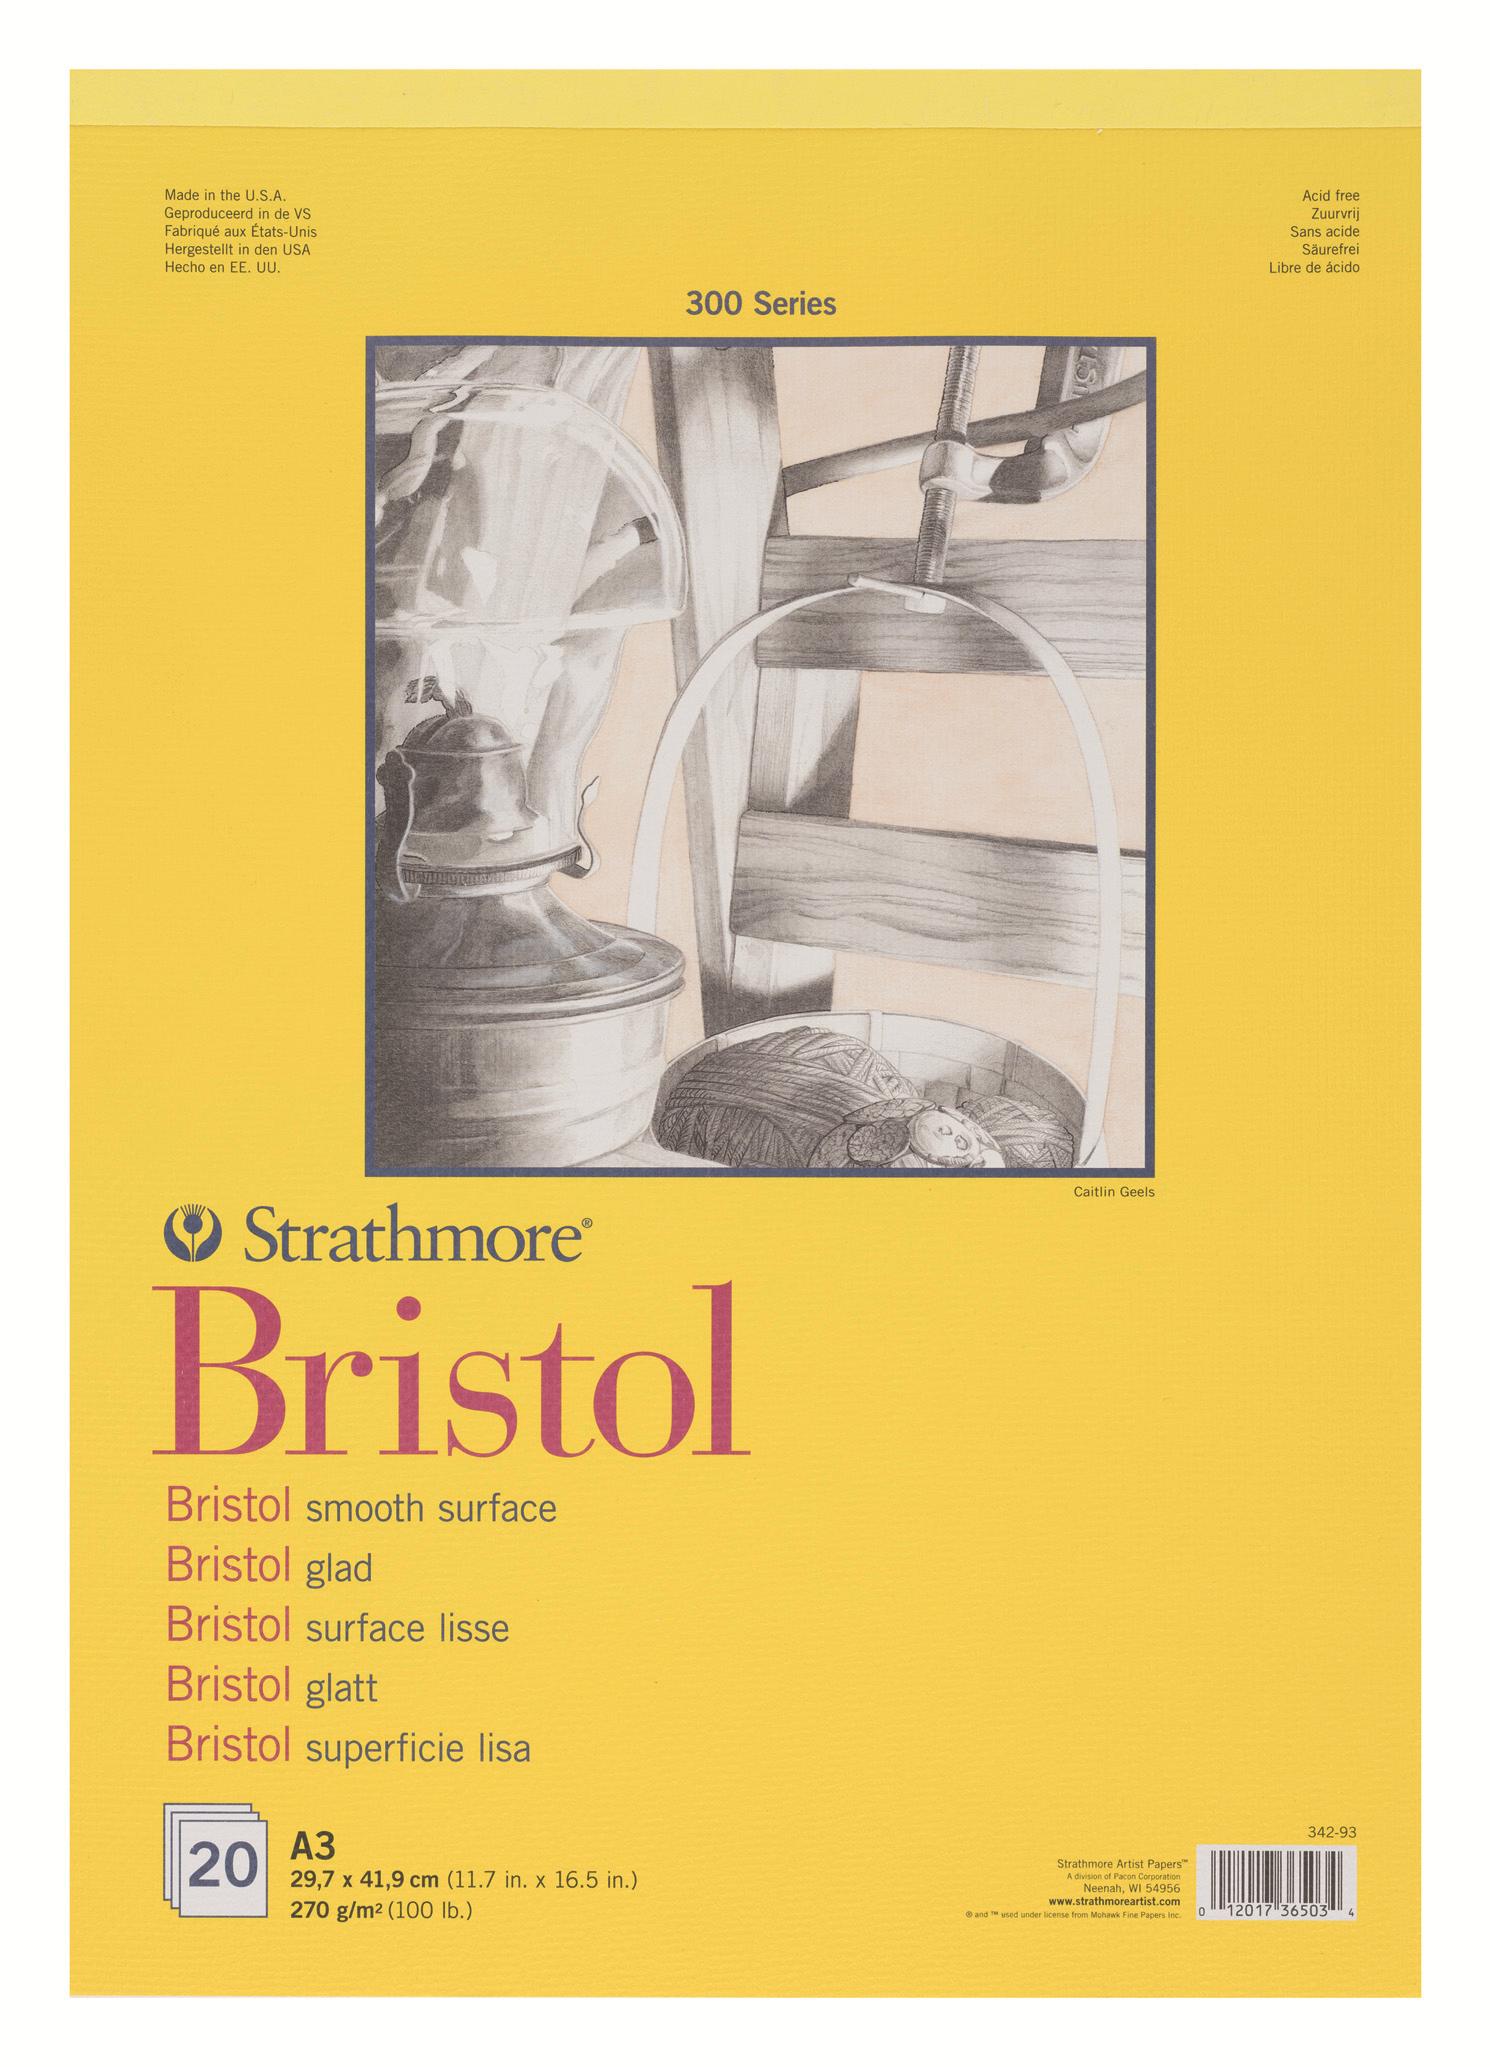 Strathmore Альбом для графики 300 Series 20 листов формат A3